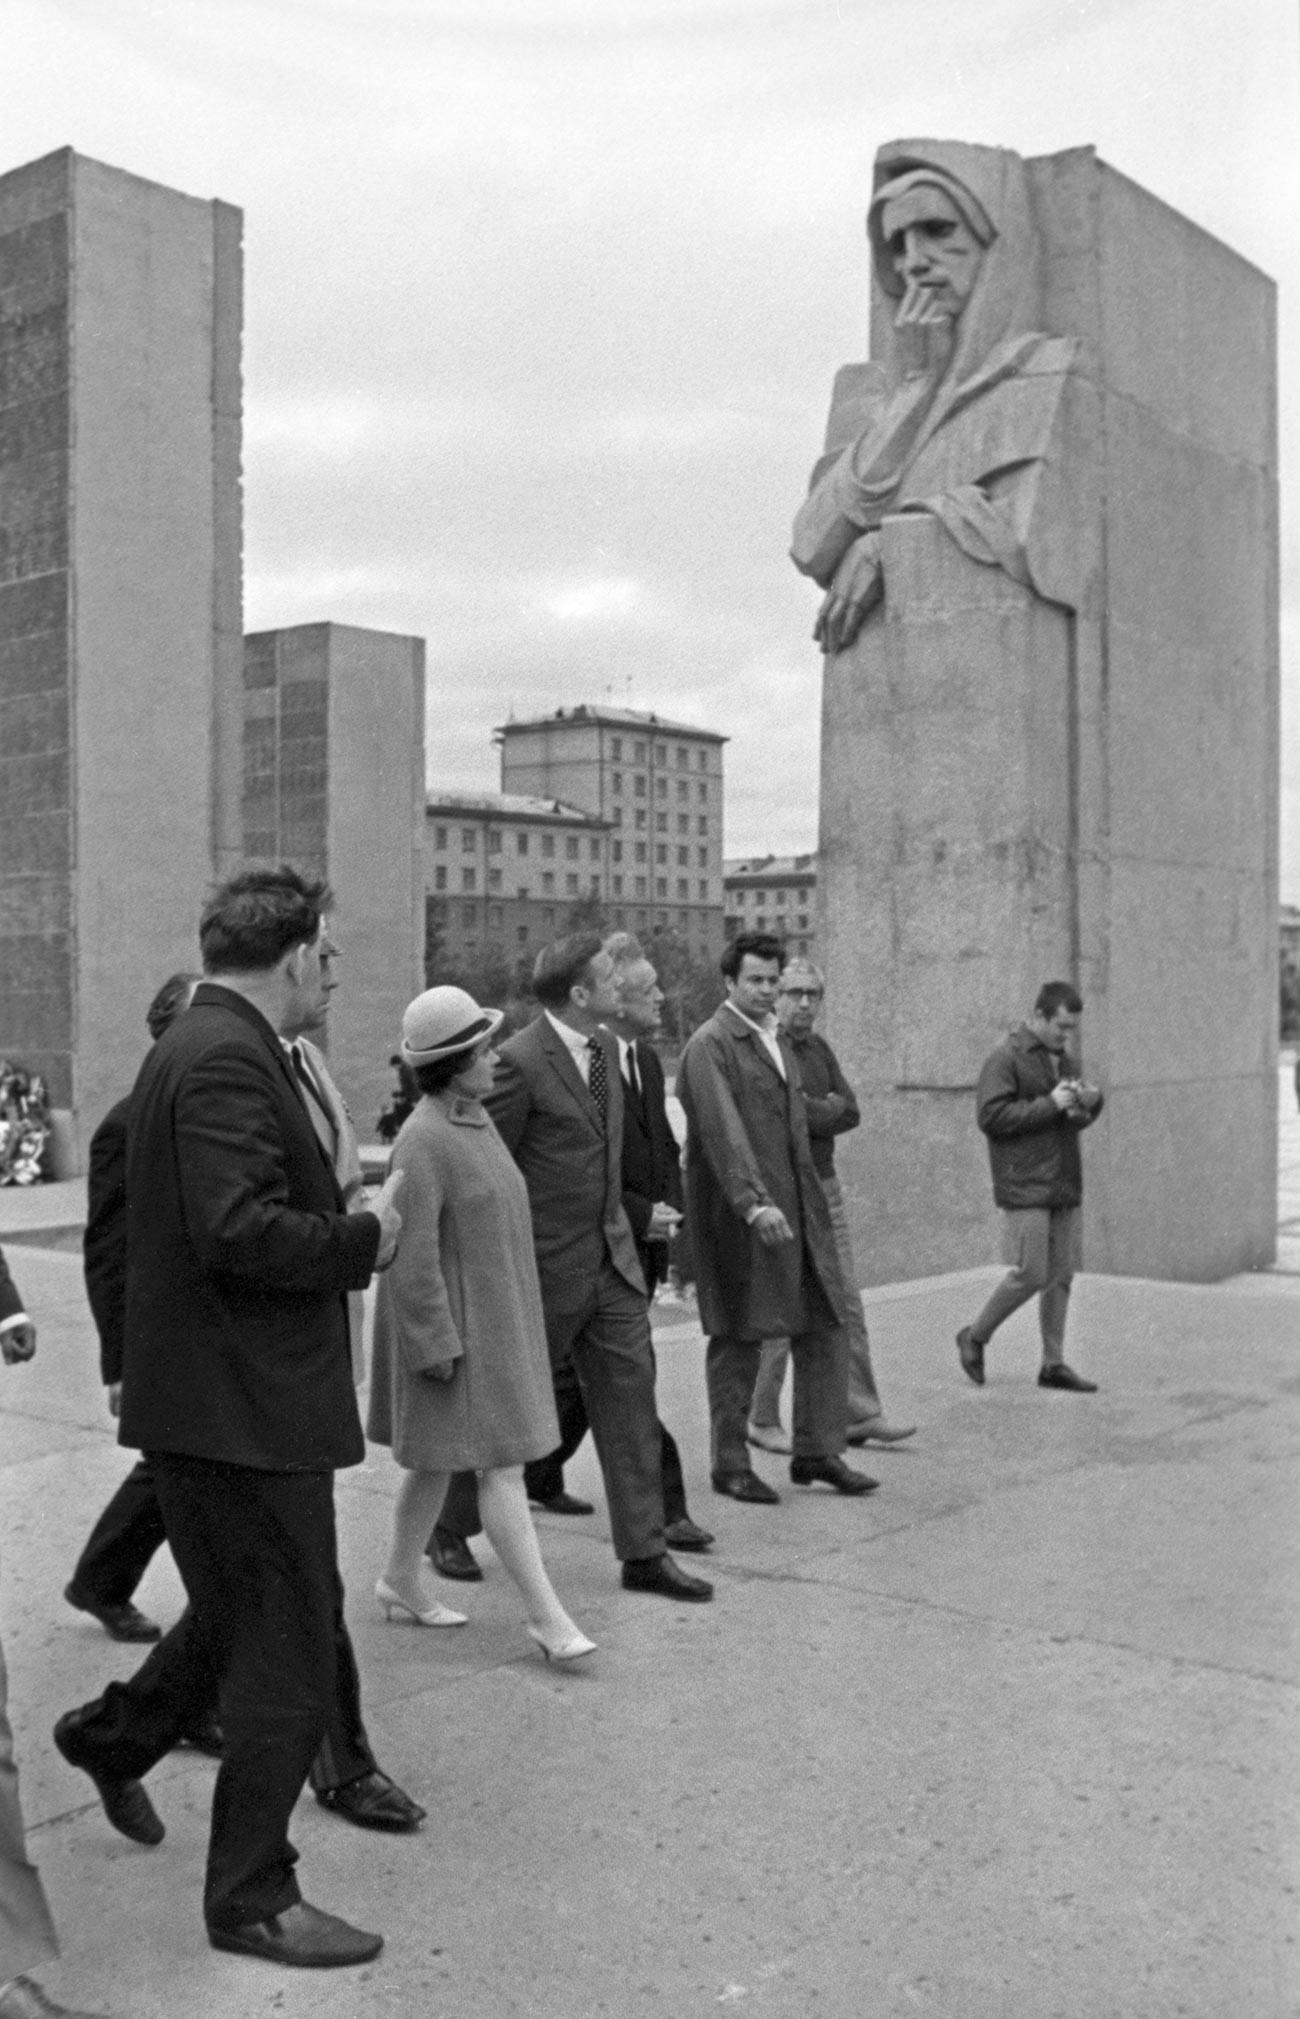 Armstrong visita il complesso commemorativo Monumento alla Gloria a Novosibirsk